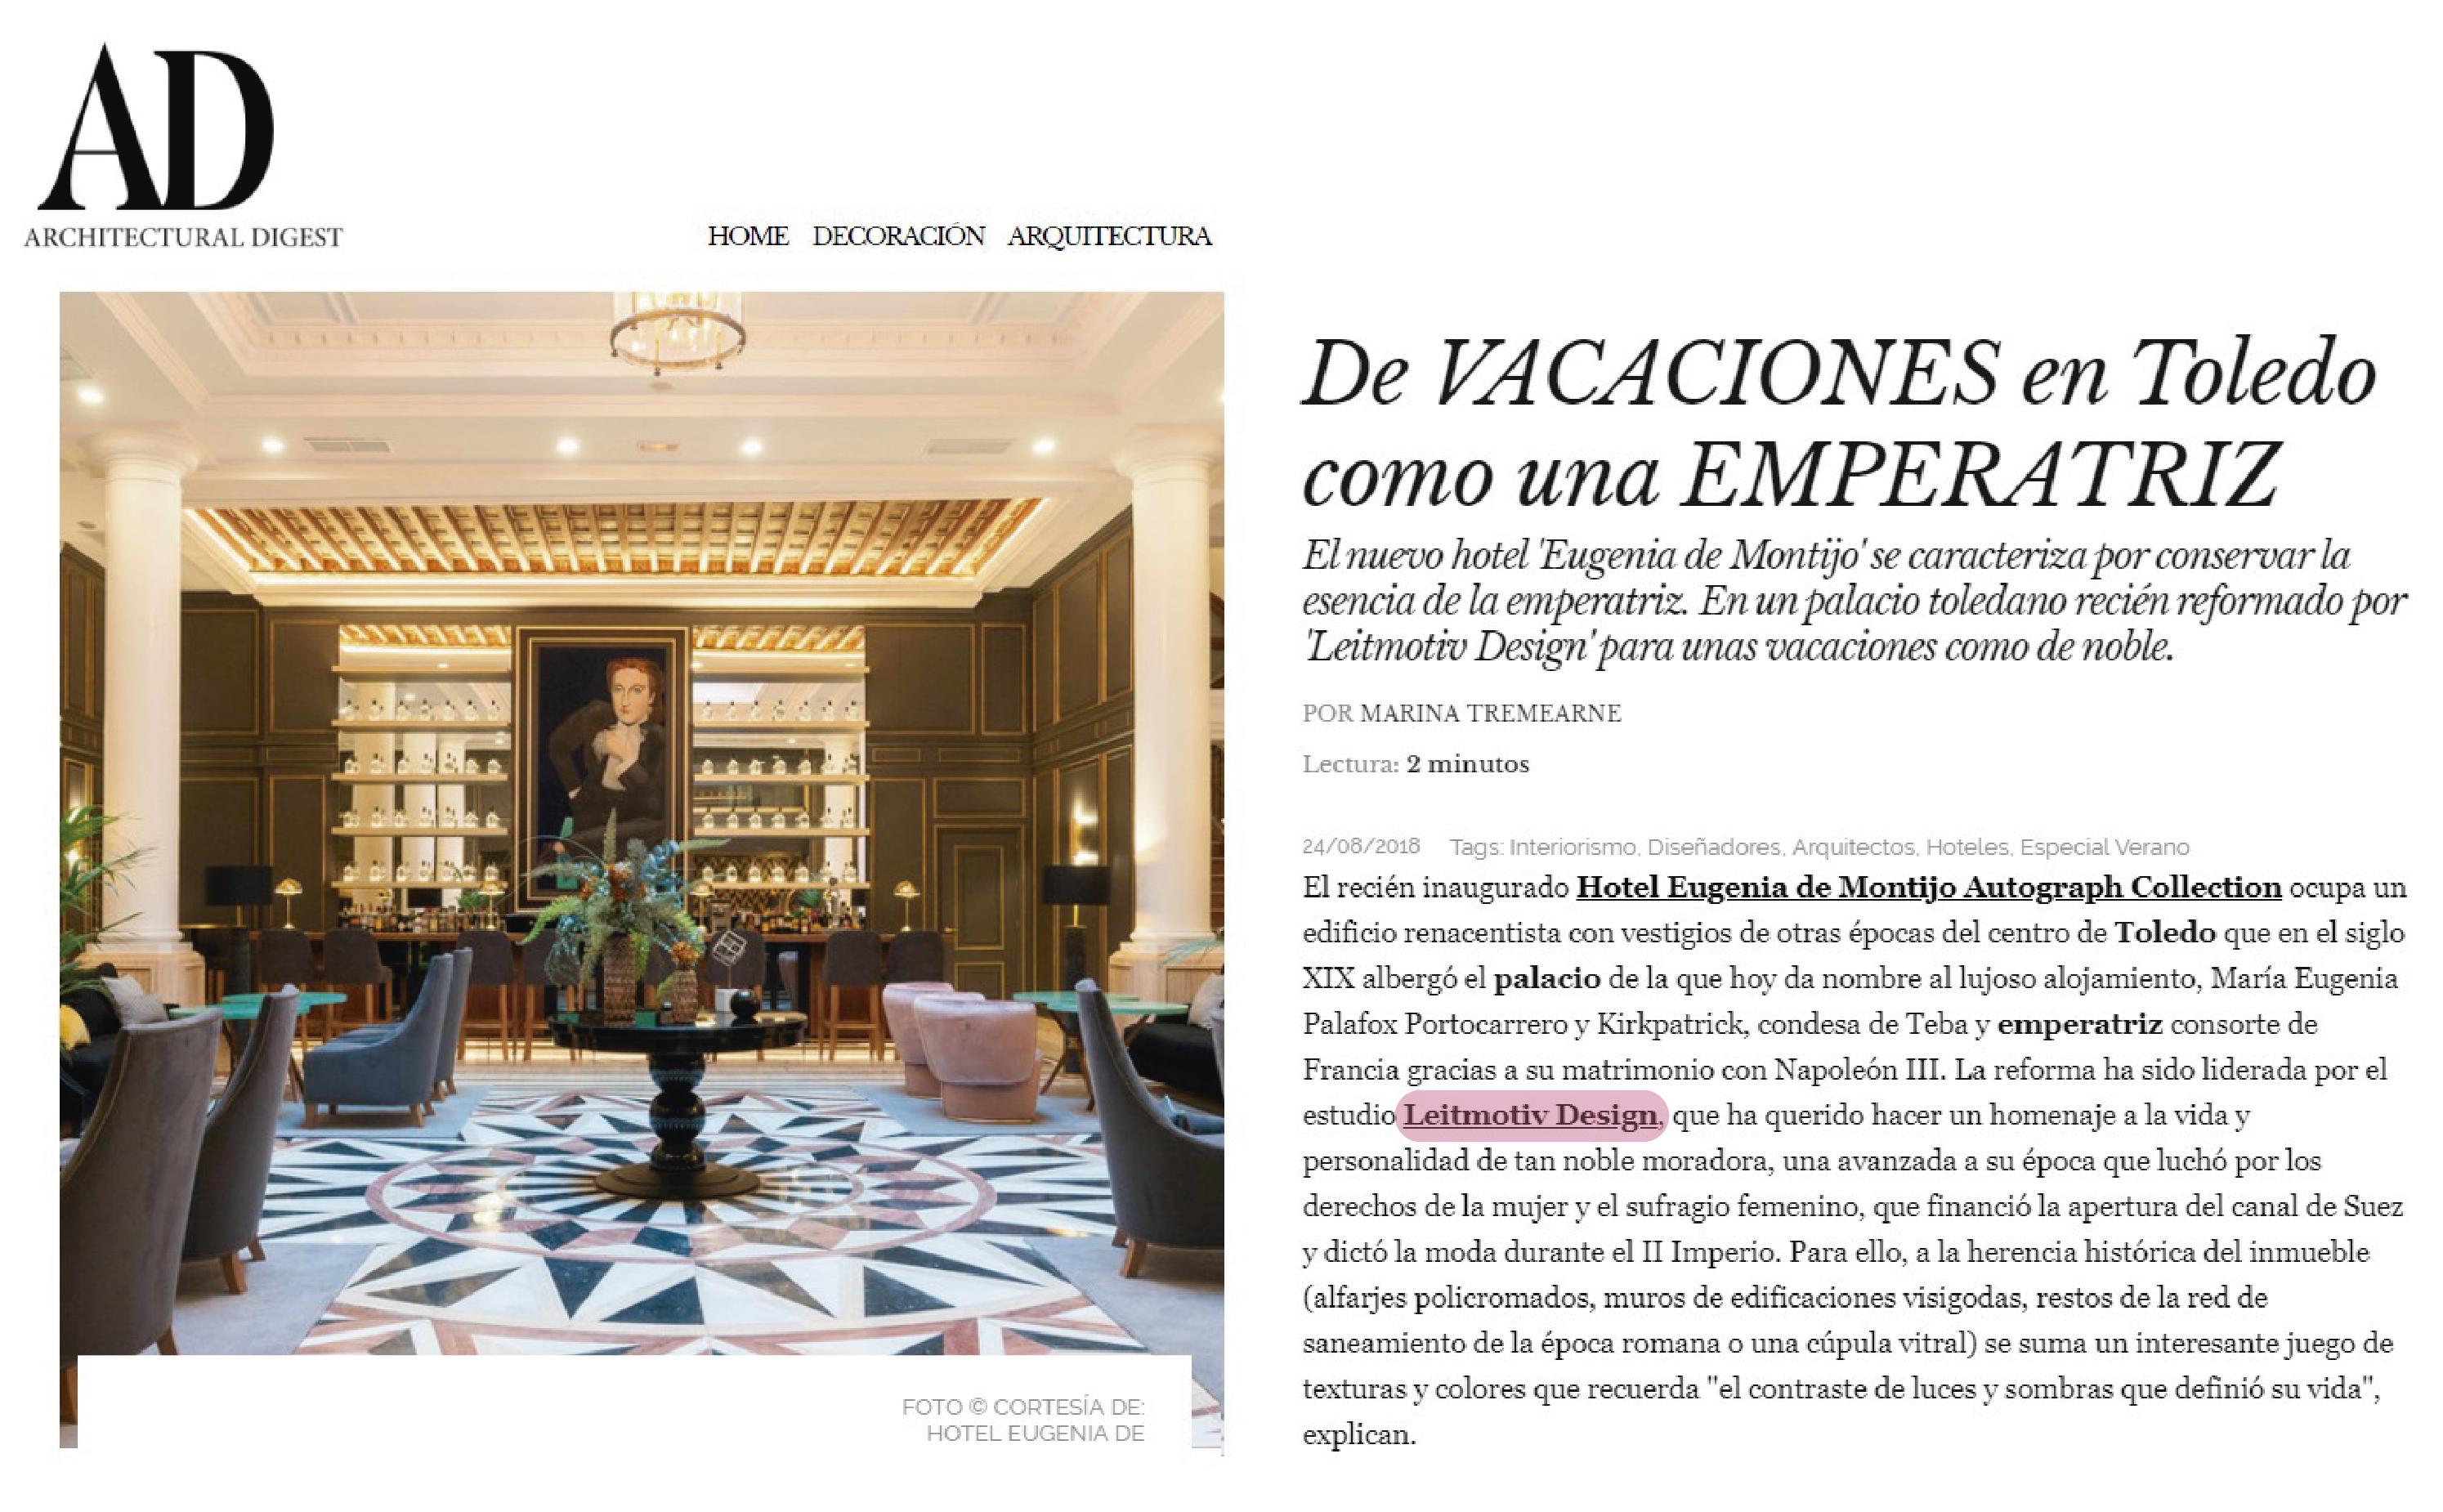 leitmotiv-design-revista-ad-espana-2018